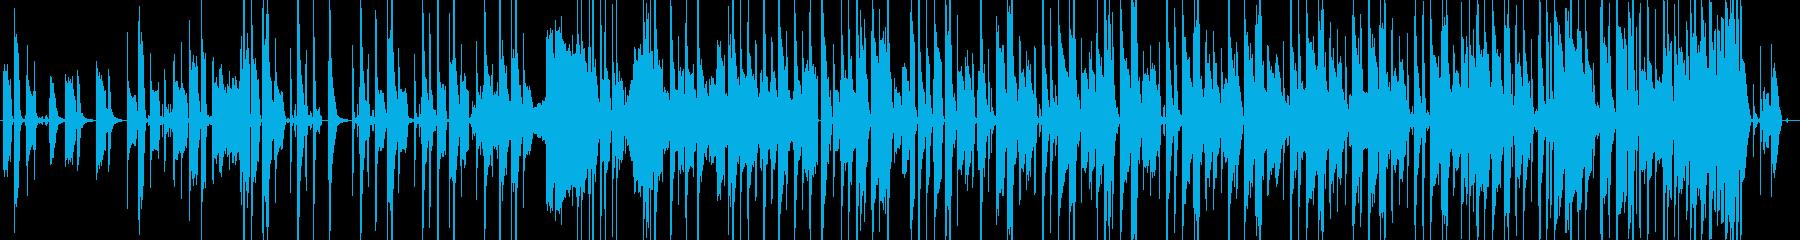 ファンキーなベースラインの曲の再生済みの波形